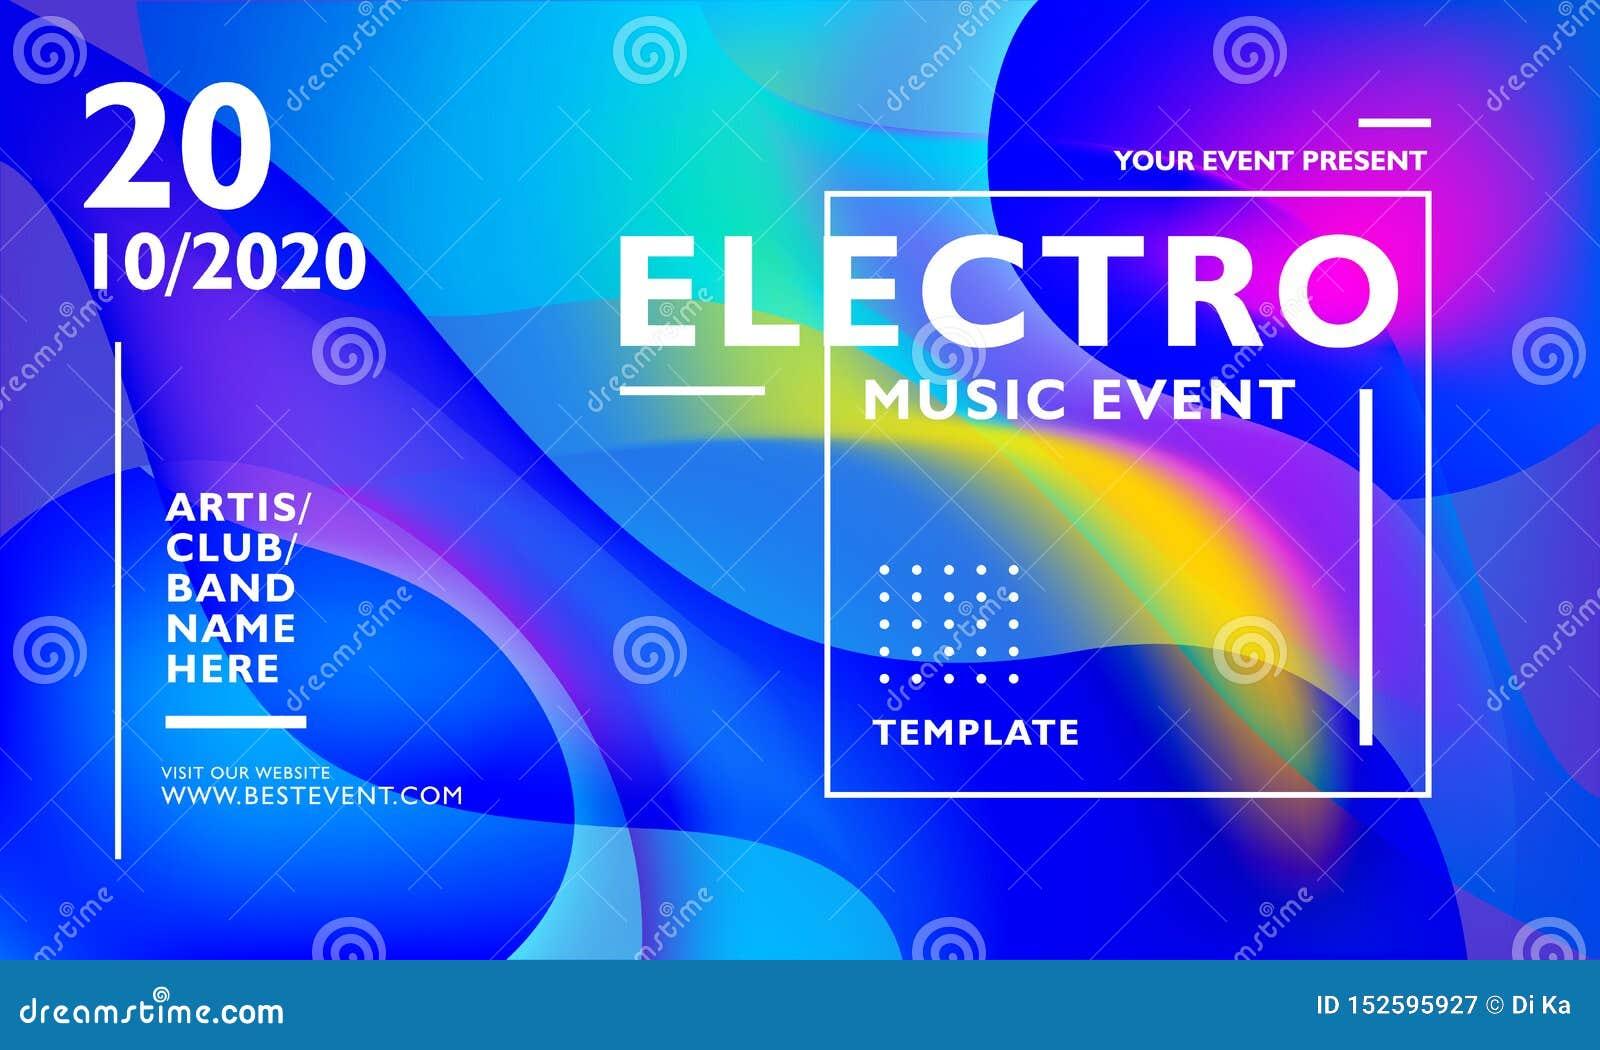 电镀音乐事件海报模板有五颜六色的波浪抽象背景 对事件、节日、音乐会,狂欢节和其他